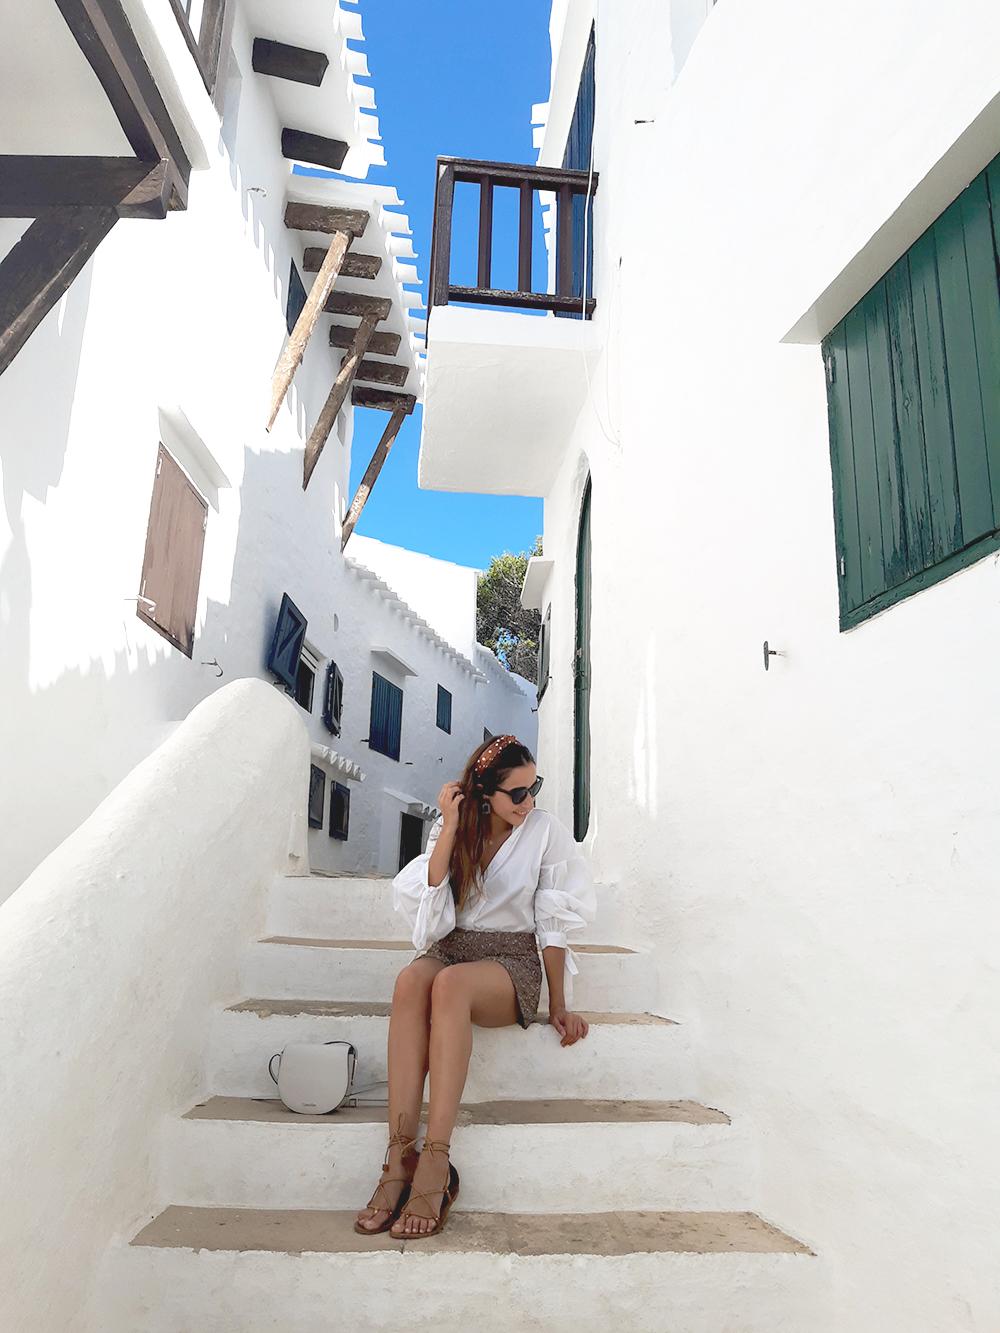 vacances à Minorque paillettes binibecar courte chemise blanche street style6